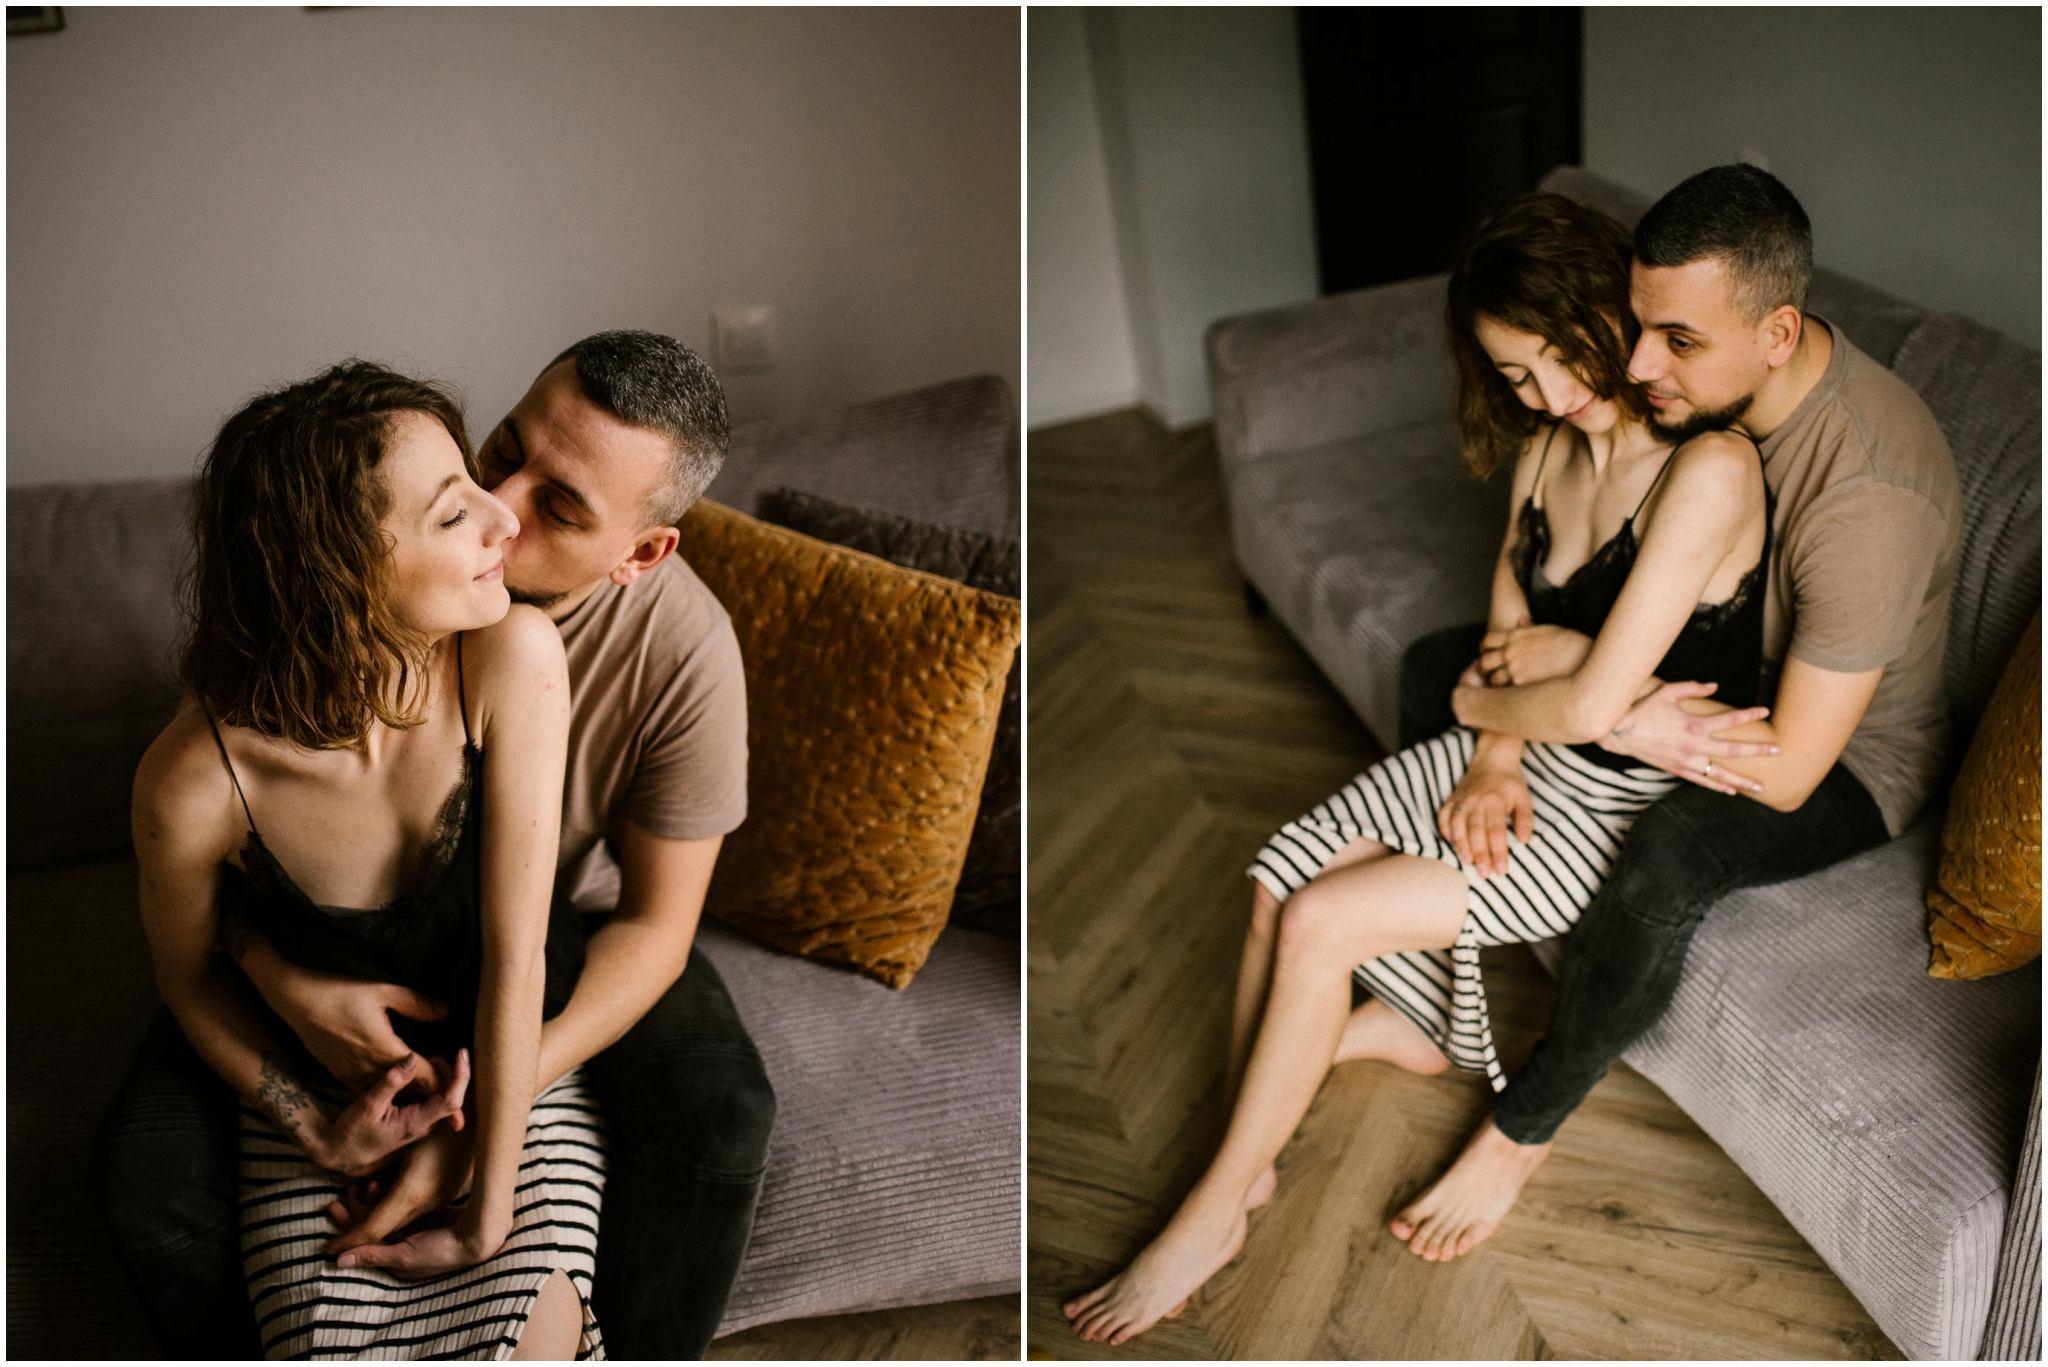 Mąż przytula żonę i ją całuje - sesja sensualna pary lifestyle w Poznaniu